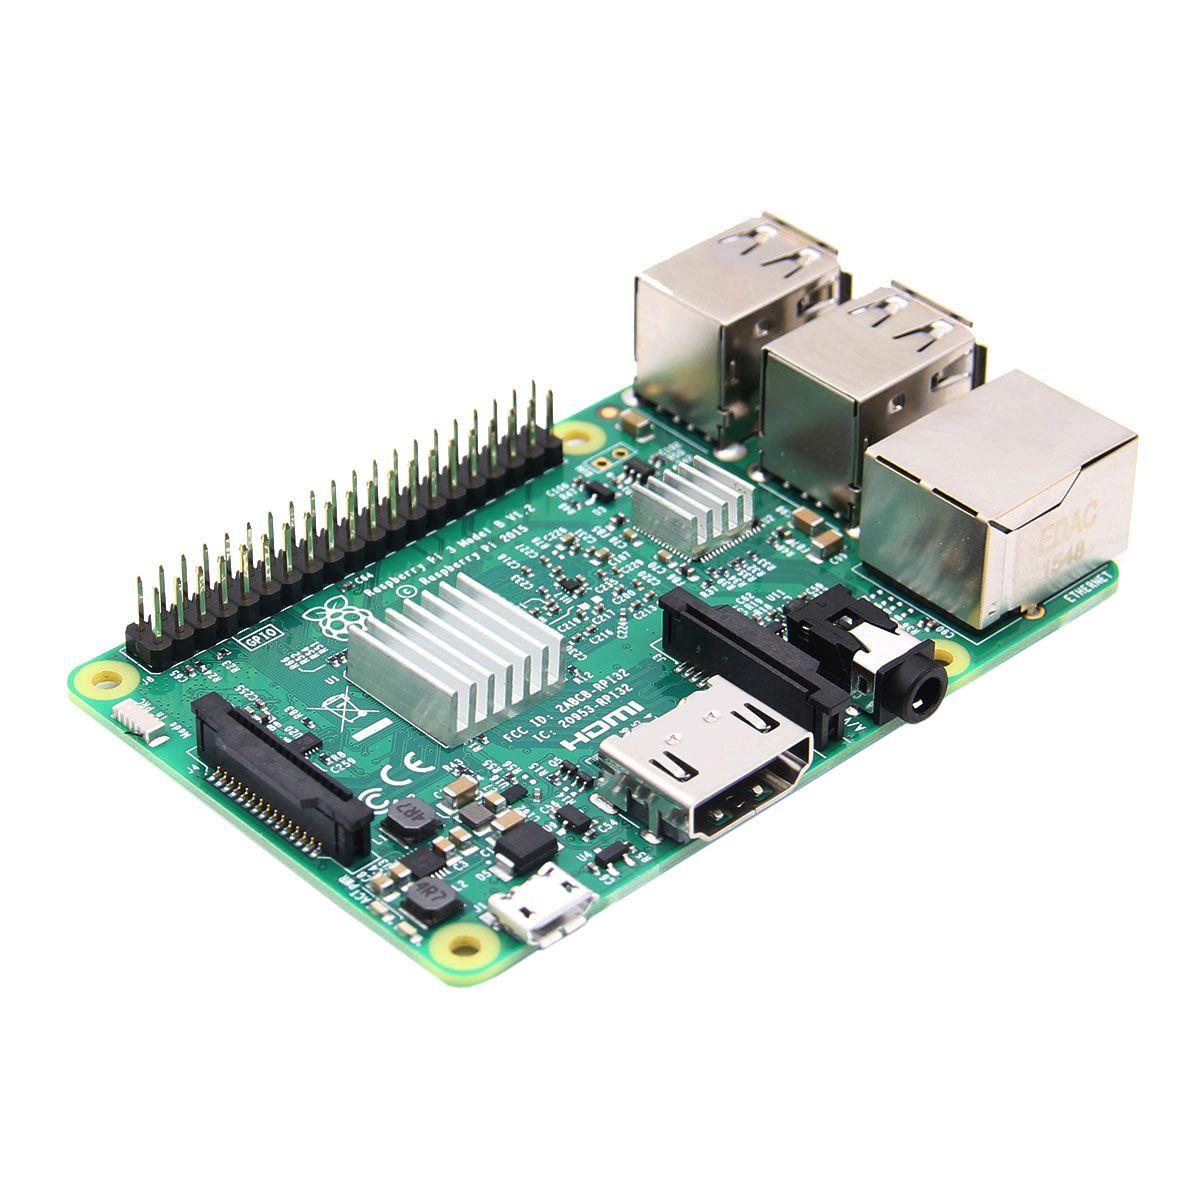 3 In 1 Raspberry Pi 3 Model B + Official Case + Heatsinks Set